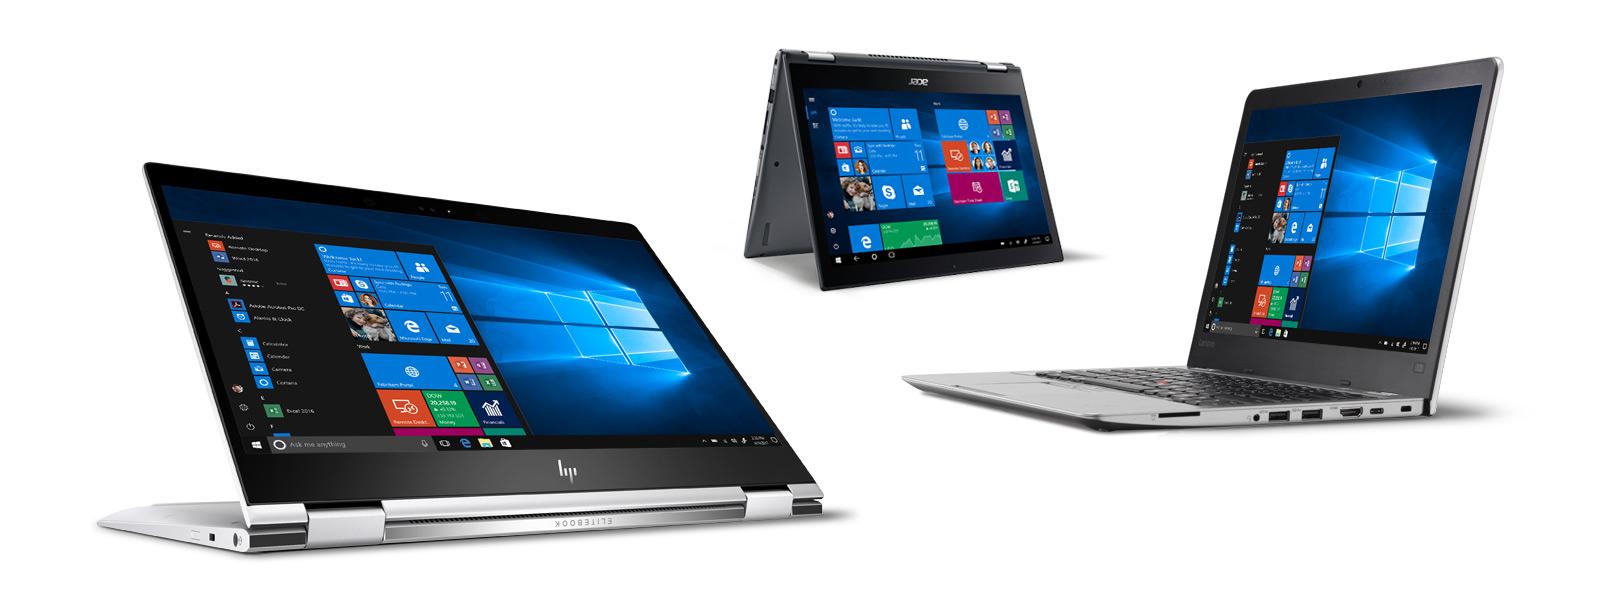 Various laptops displaying Windows 10